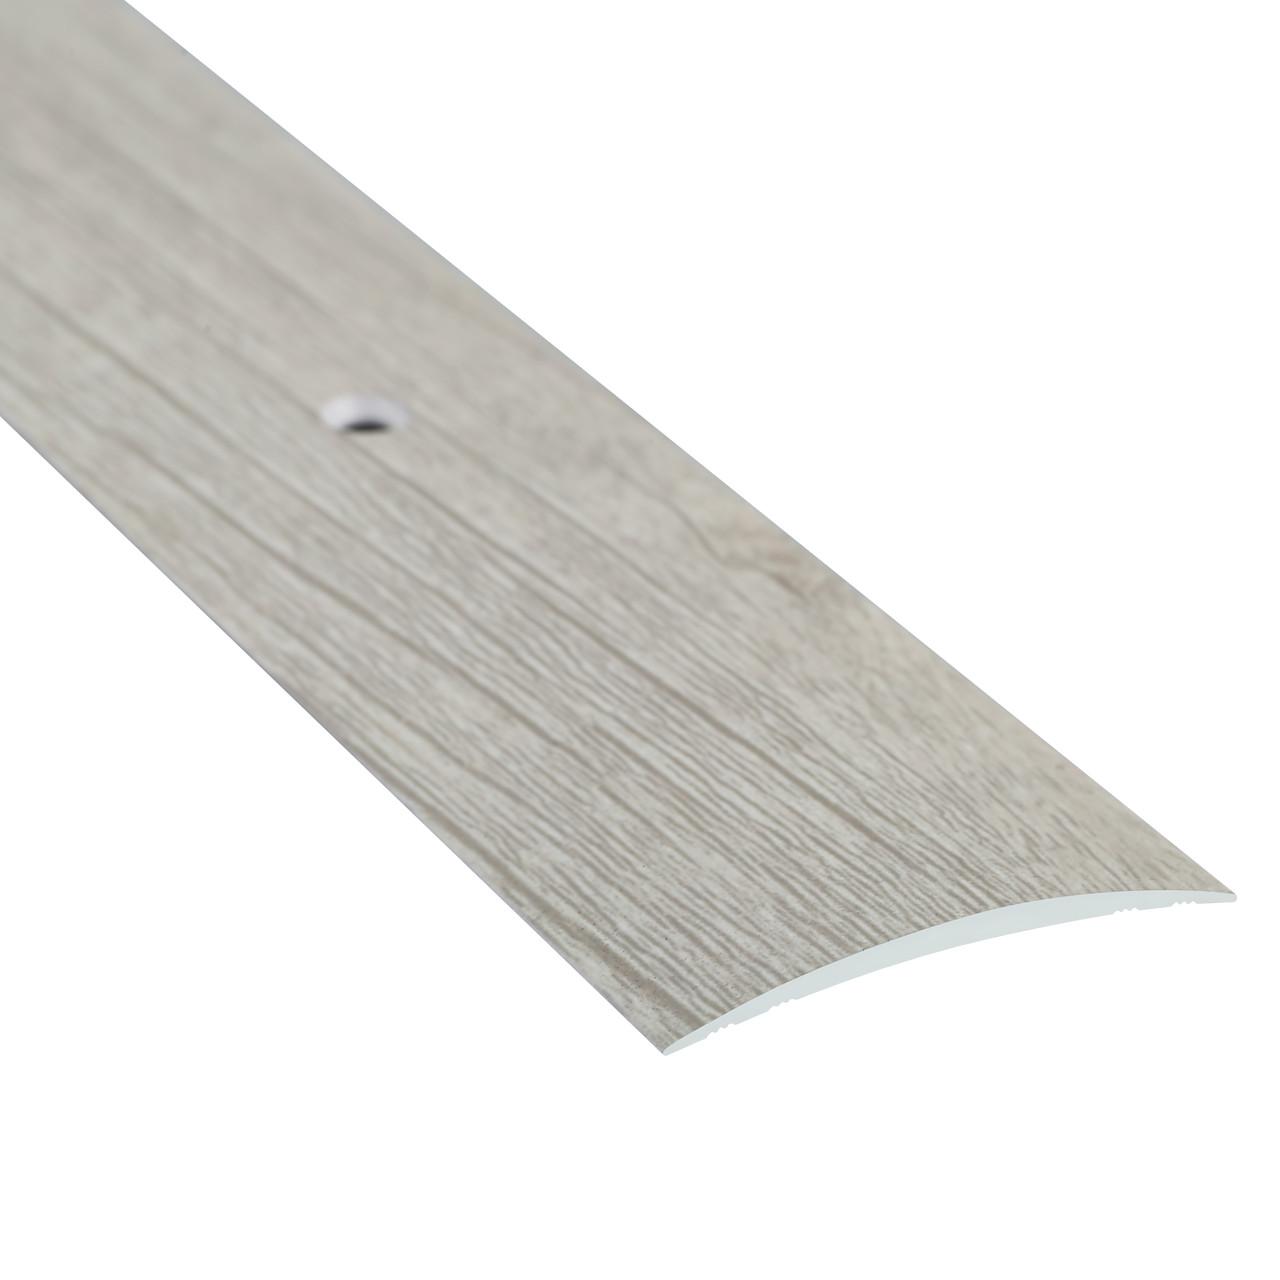 Алюминиевый профиль одноуровневый гладкий декорированный 40мм х 1.8м дуб беленый